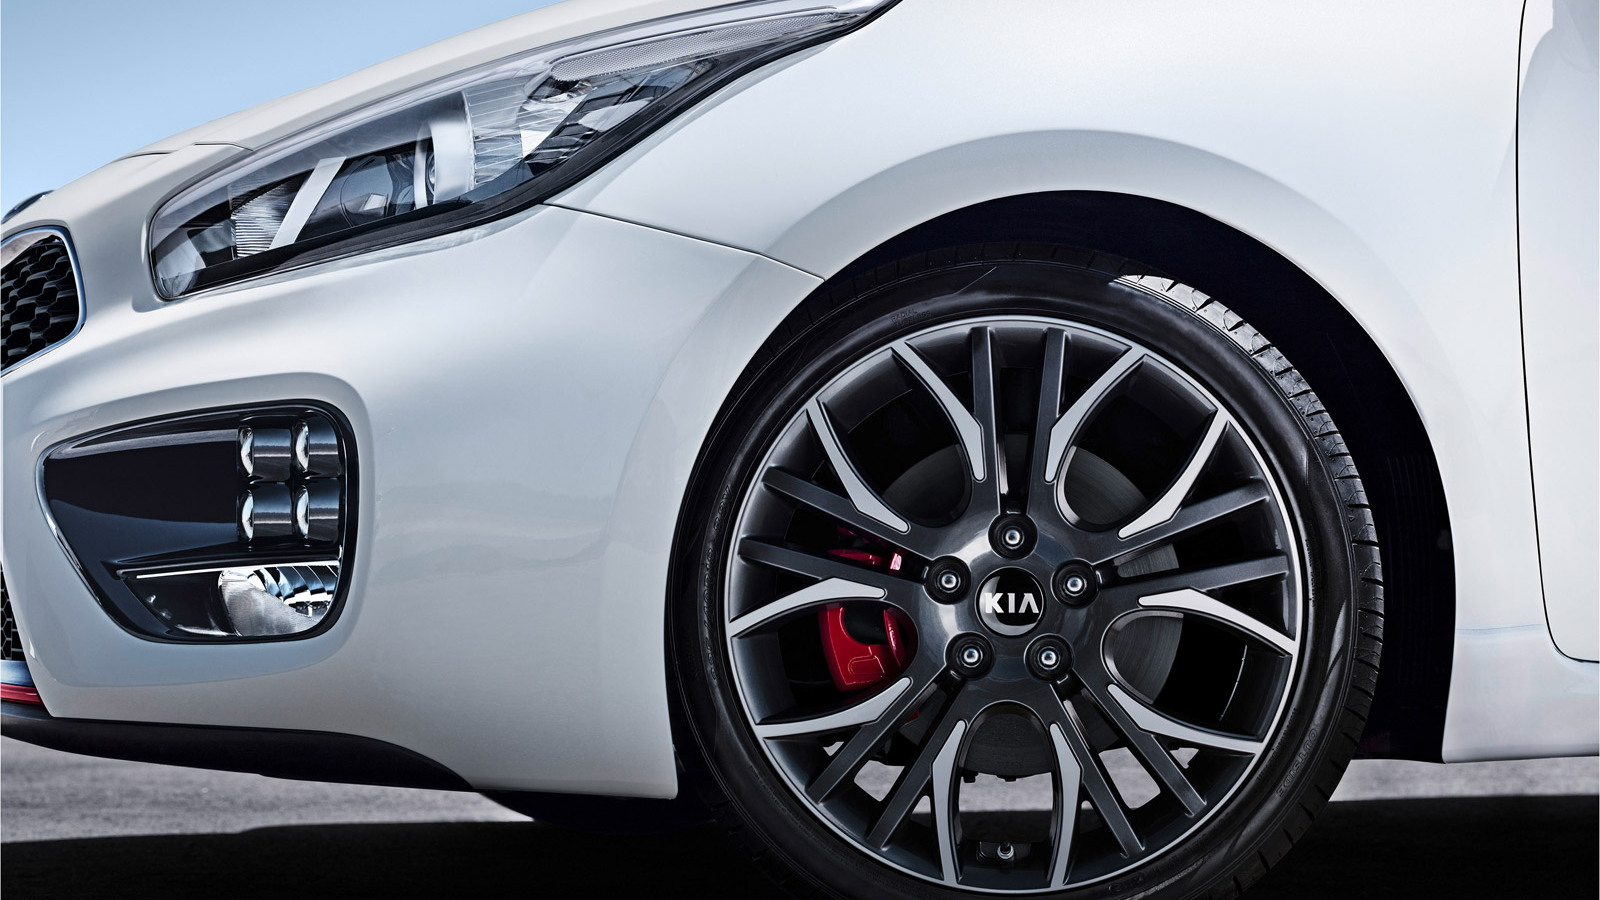 2013 Kia Pro Cee'd GT